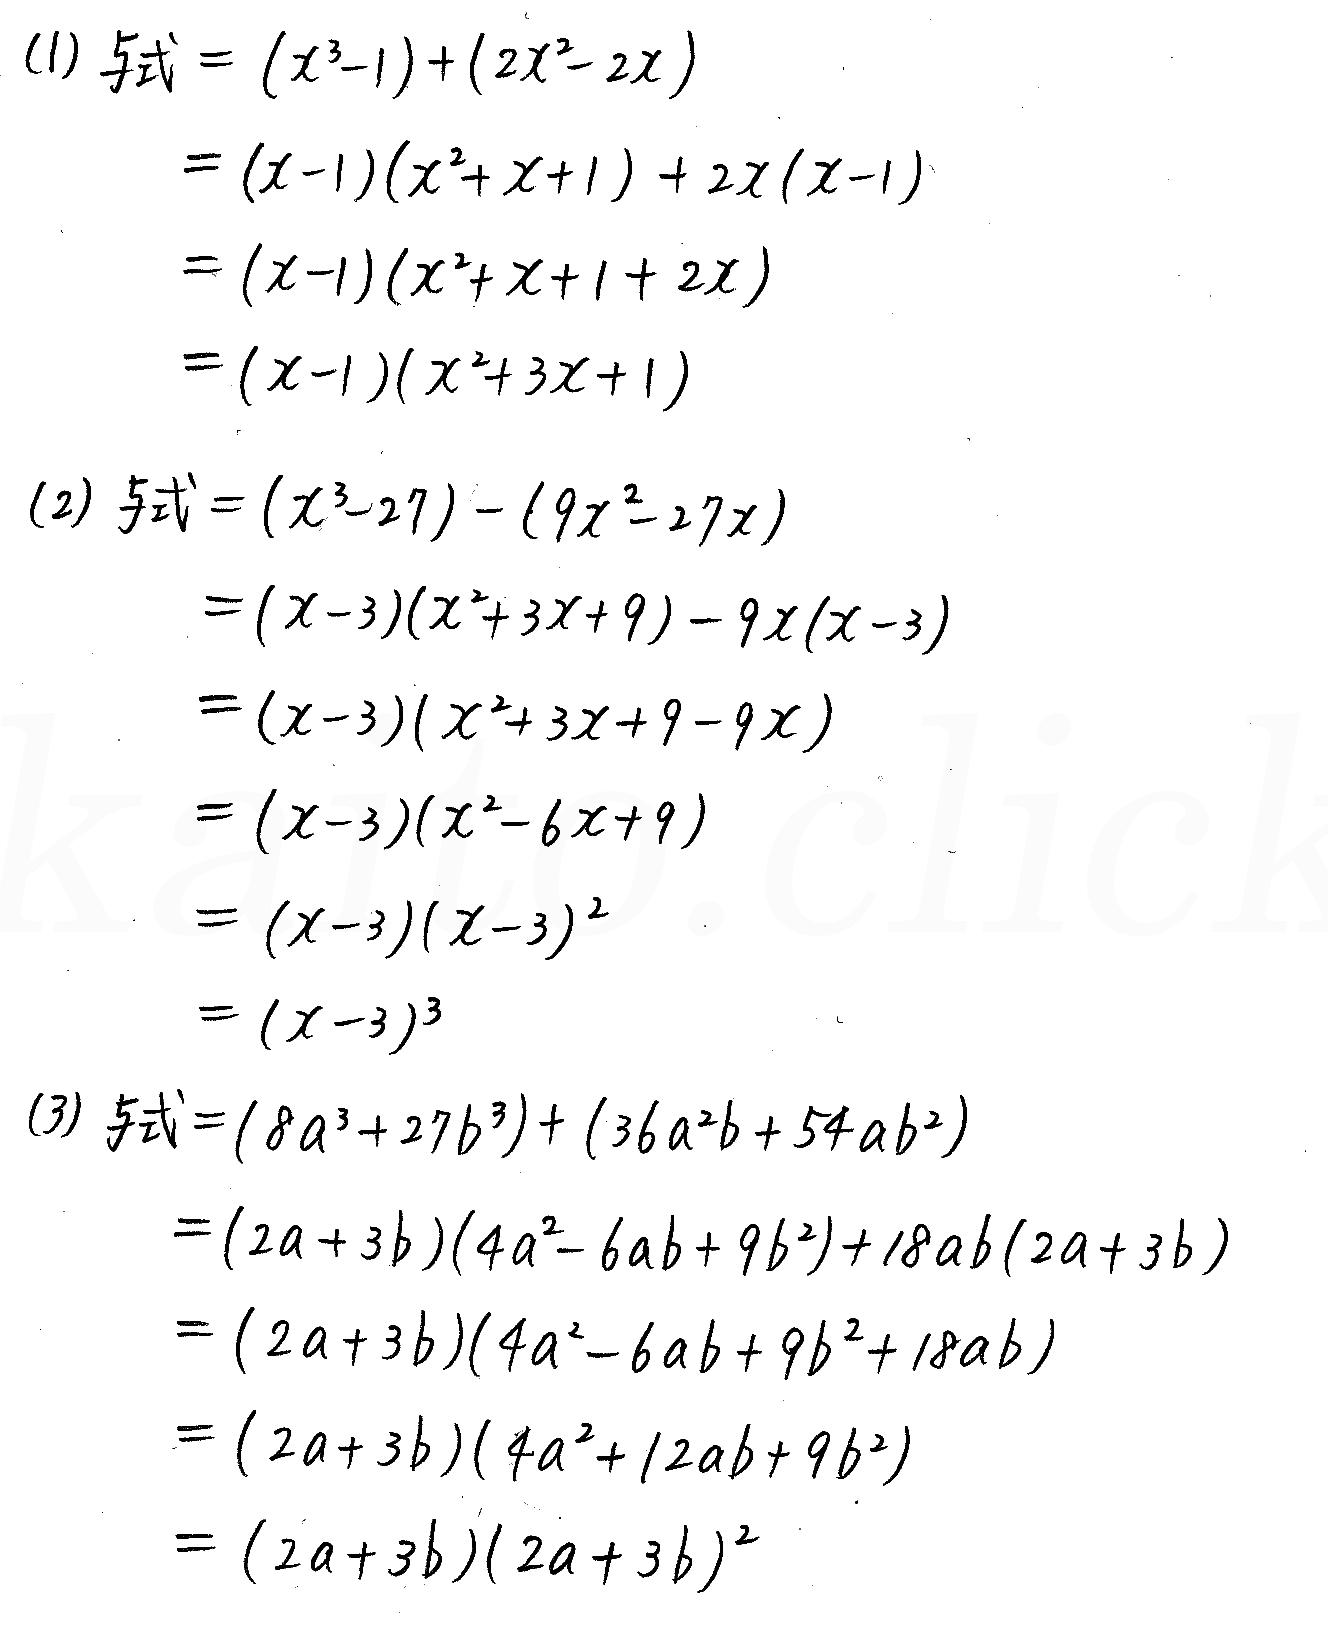 クリアー数学1-100解答